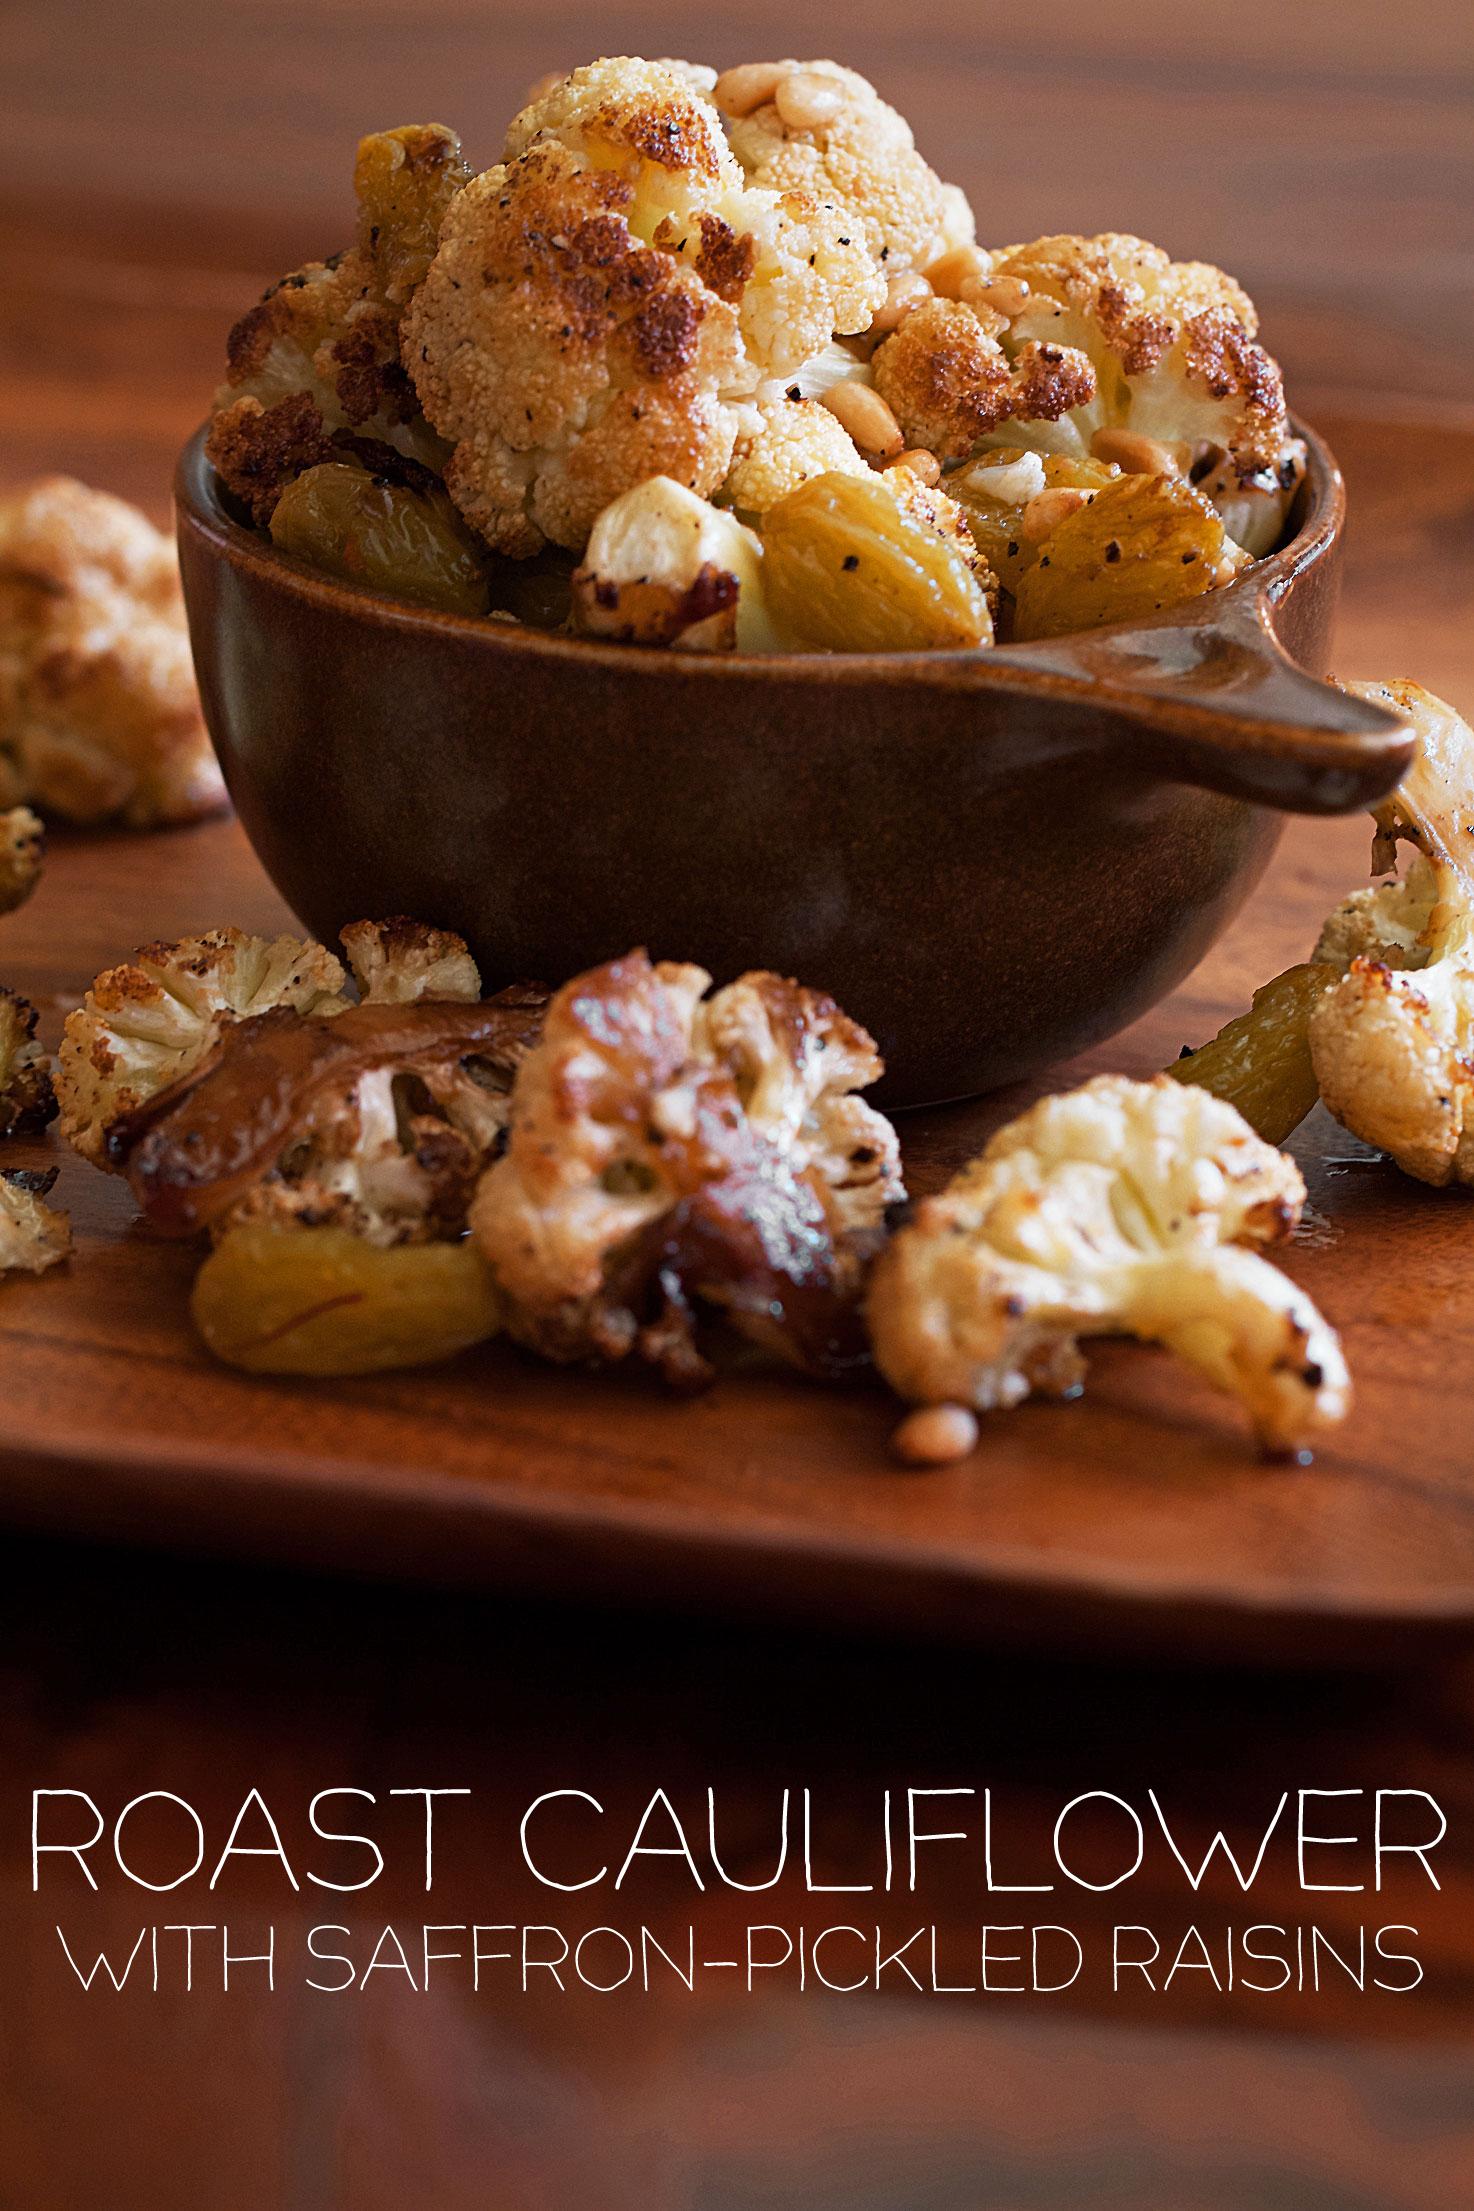 Roast Cauliflower with Saffron-Pickled Raisins